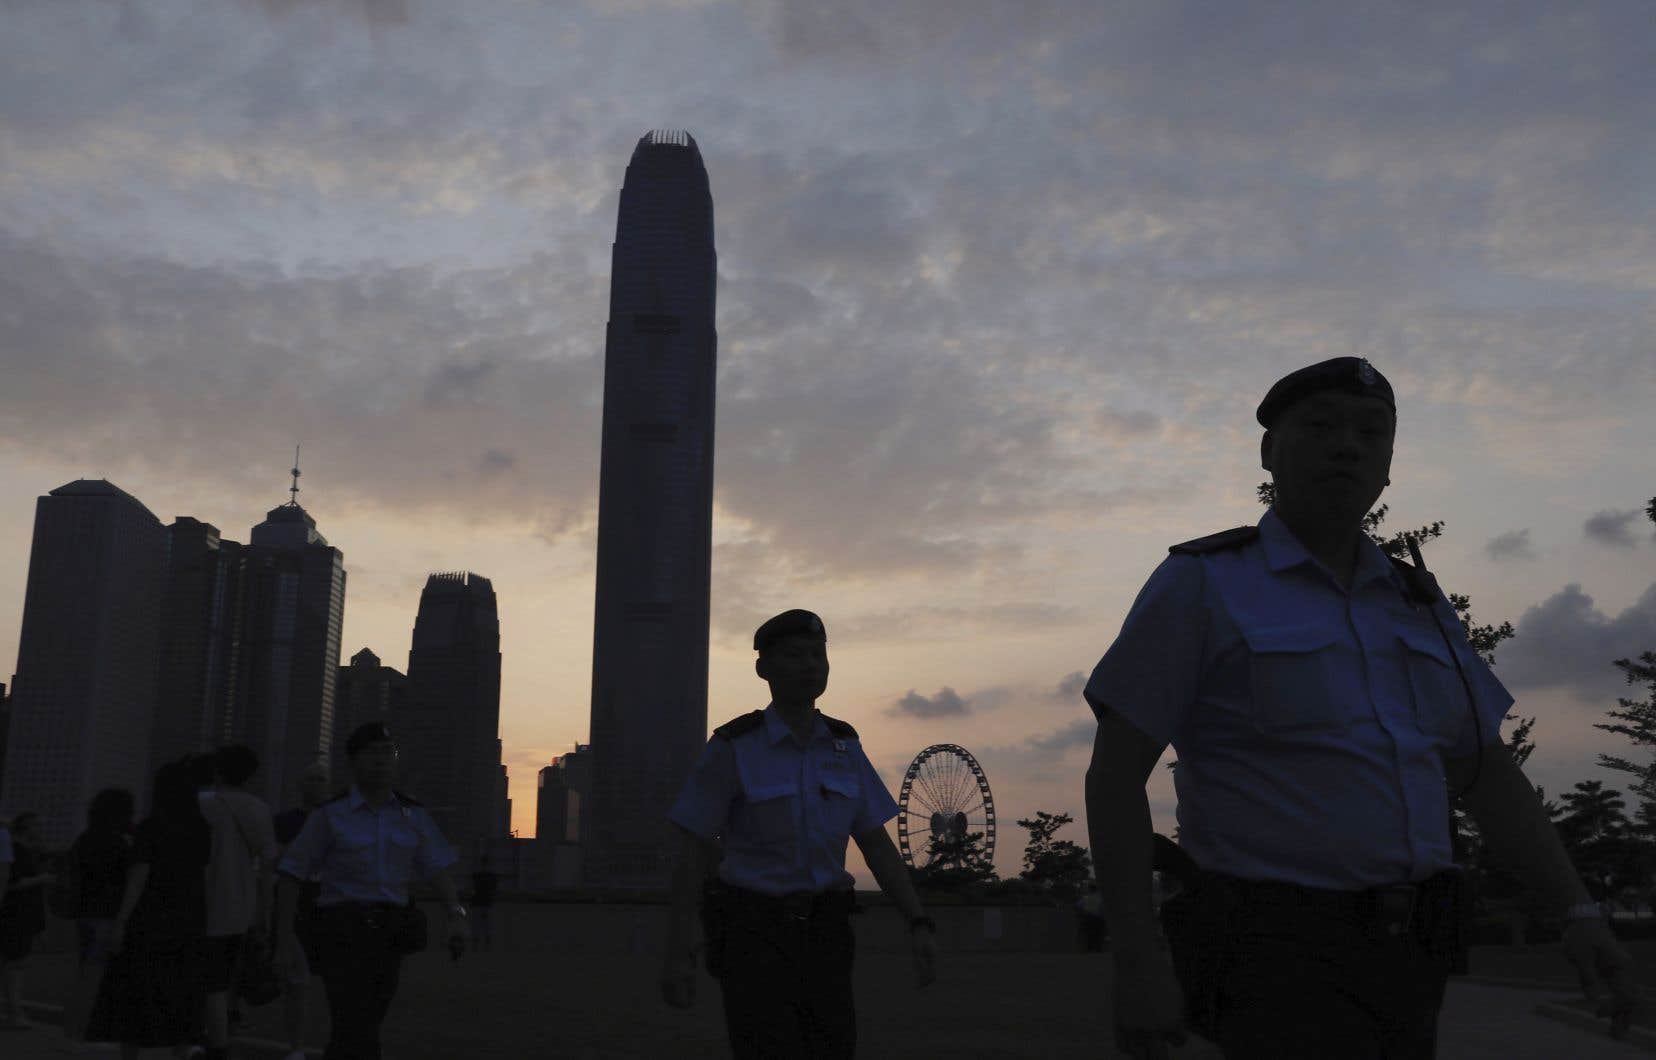 Des policiers patrouillent un parc de Hong Kong en fin de soirée, samedi.